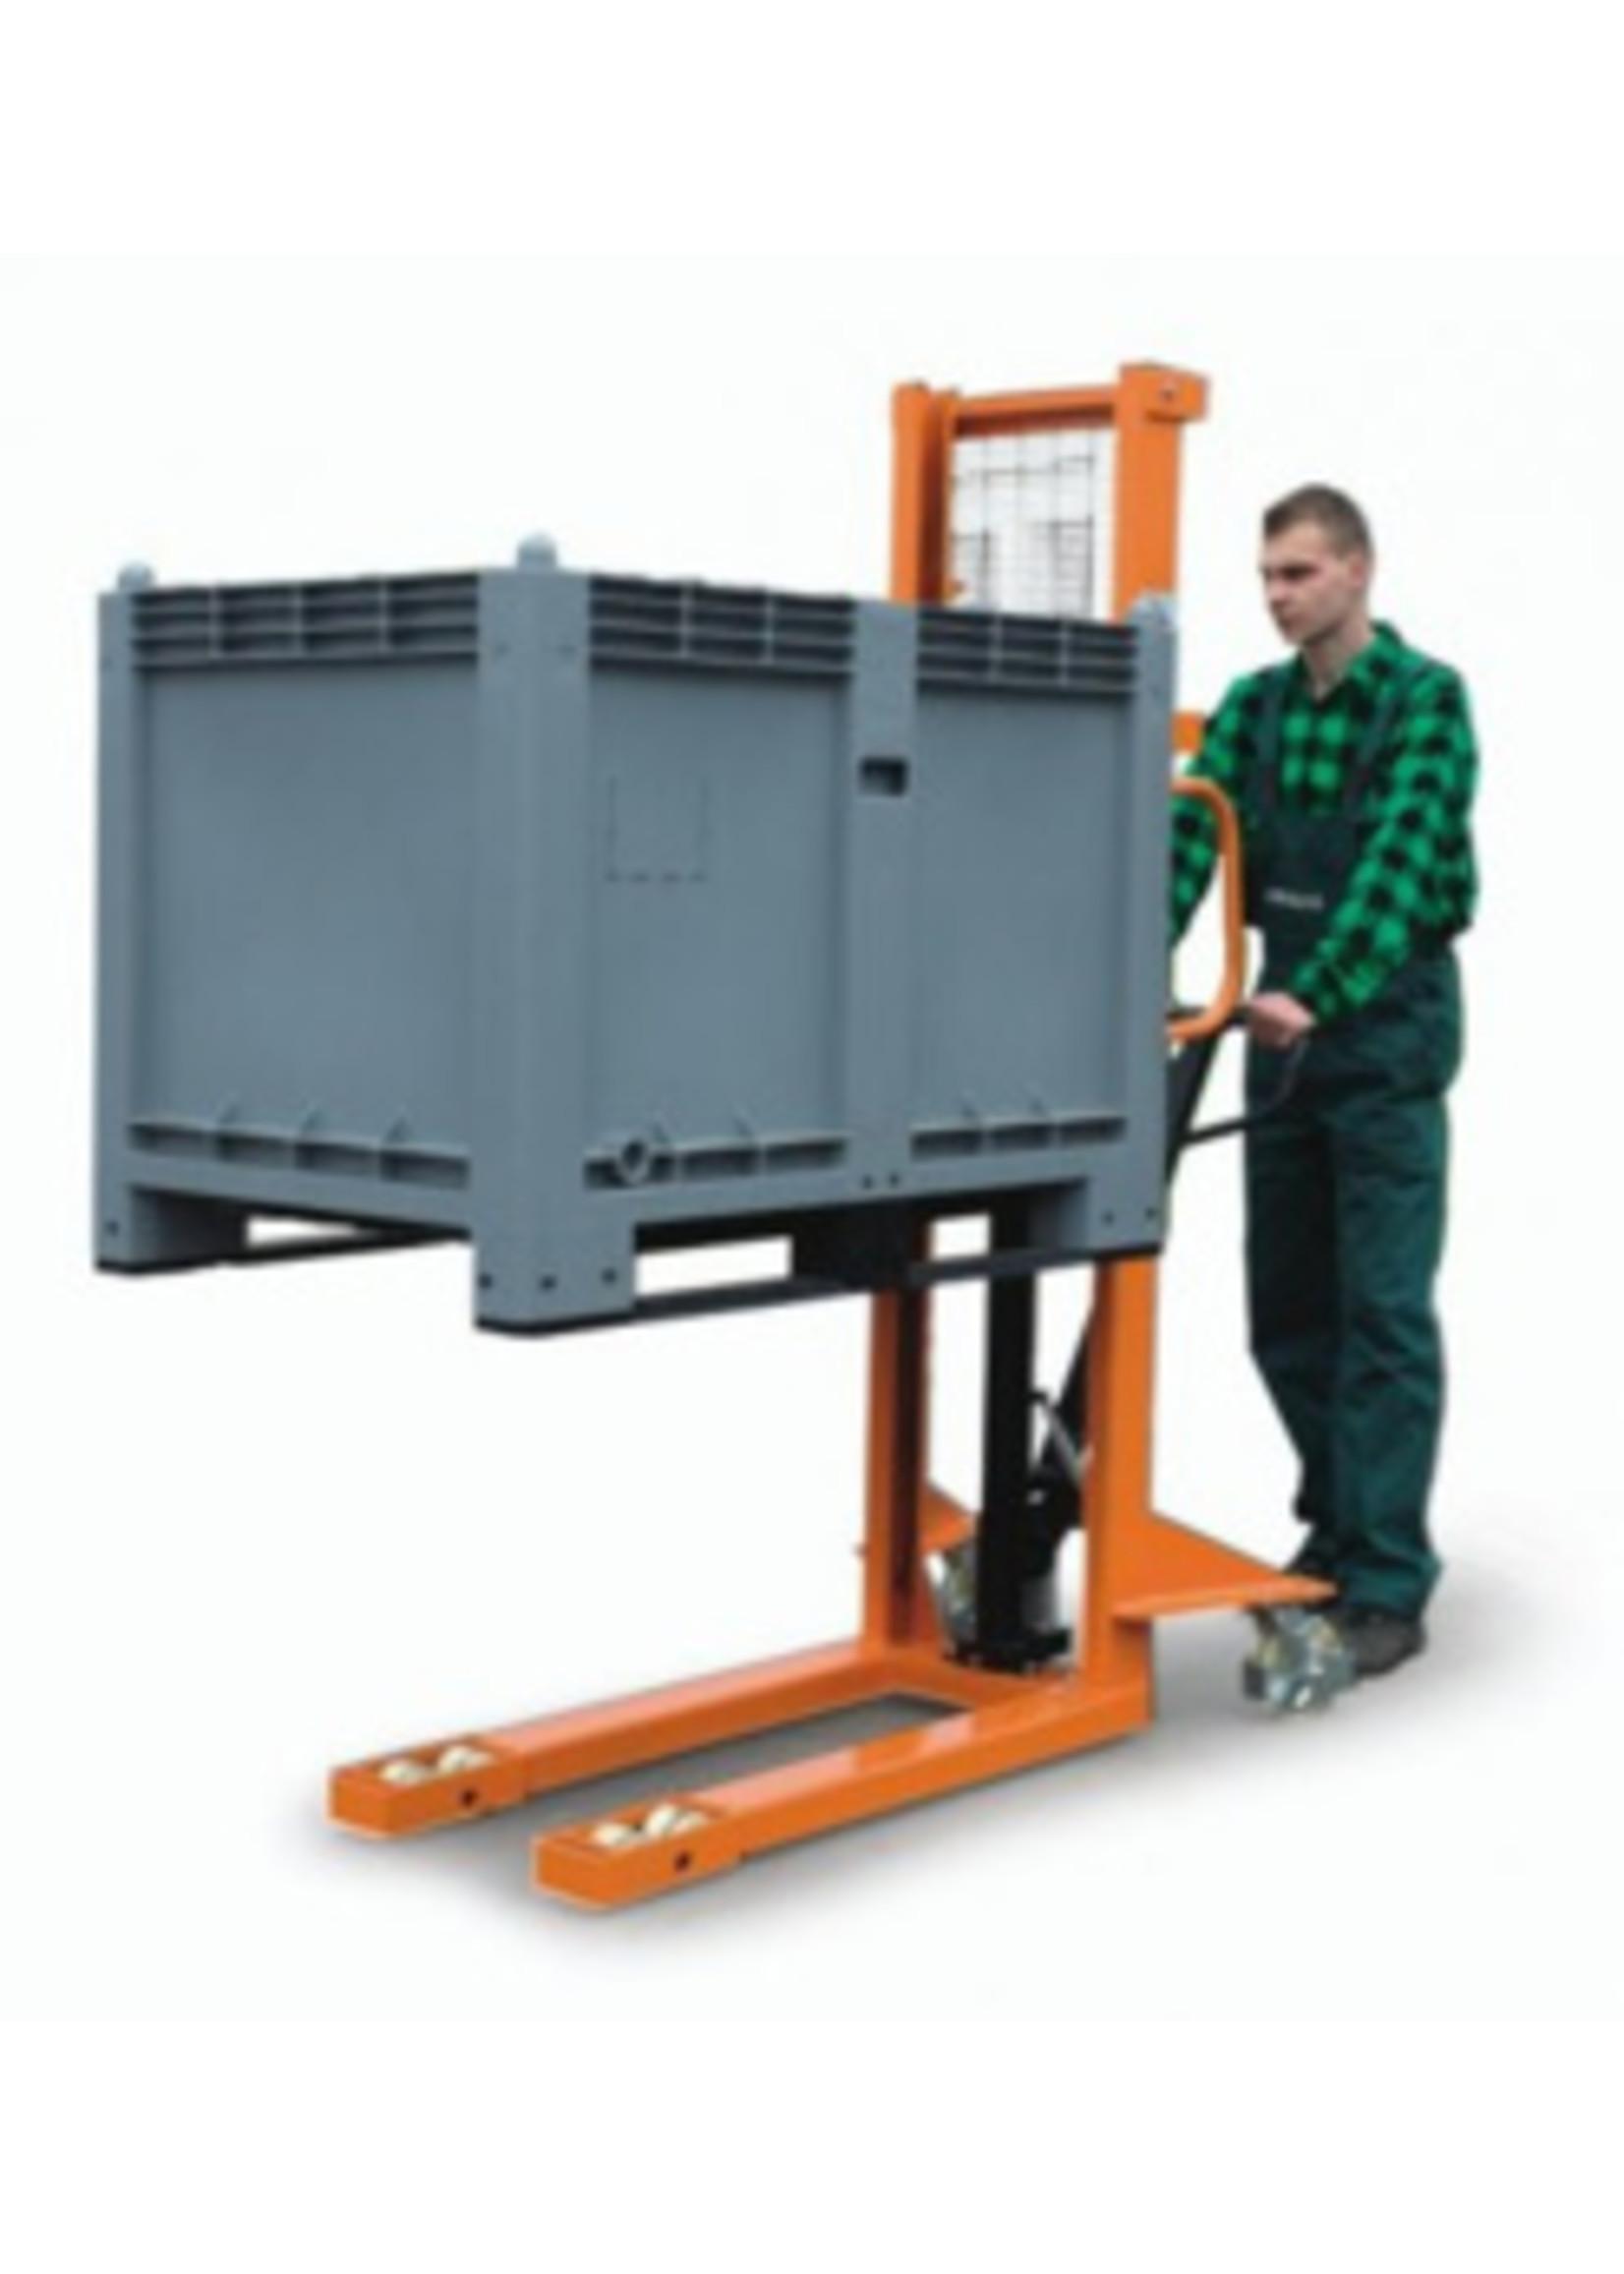 Stapelaar handbediend tot 1600 mm hefhoogte en 660 kg (max 1000 kg)